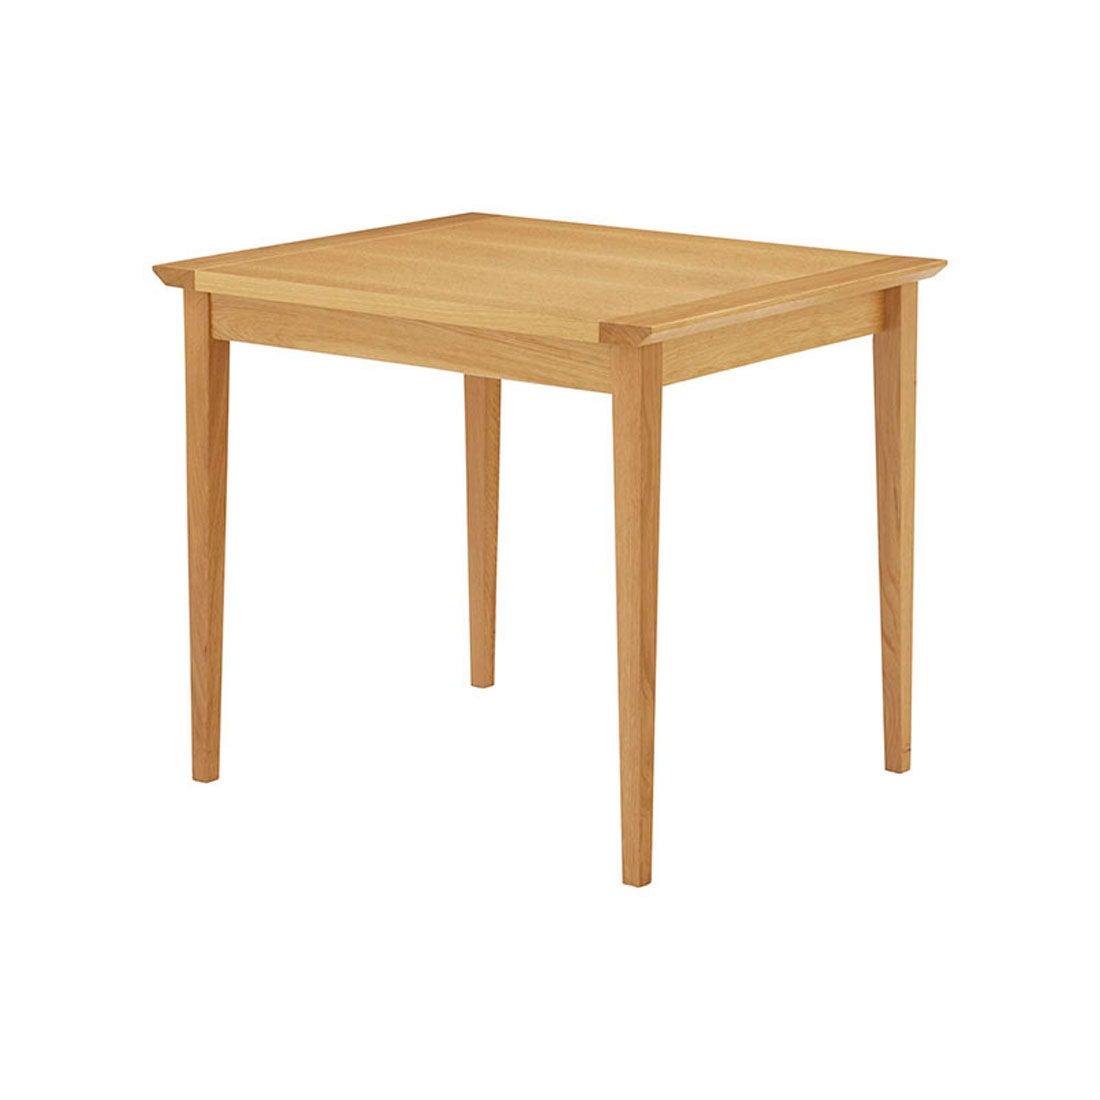 IDC OTSUKA/大塚家具 ダイニングテーブル(伸長式)OT オーク LLタイプ ホワイトオーク (ホワイトオーク)